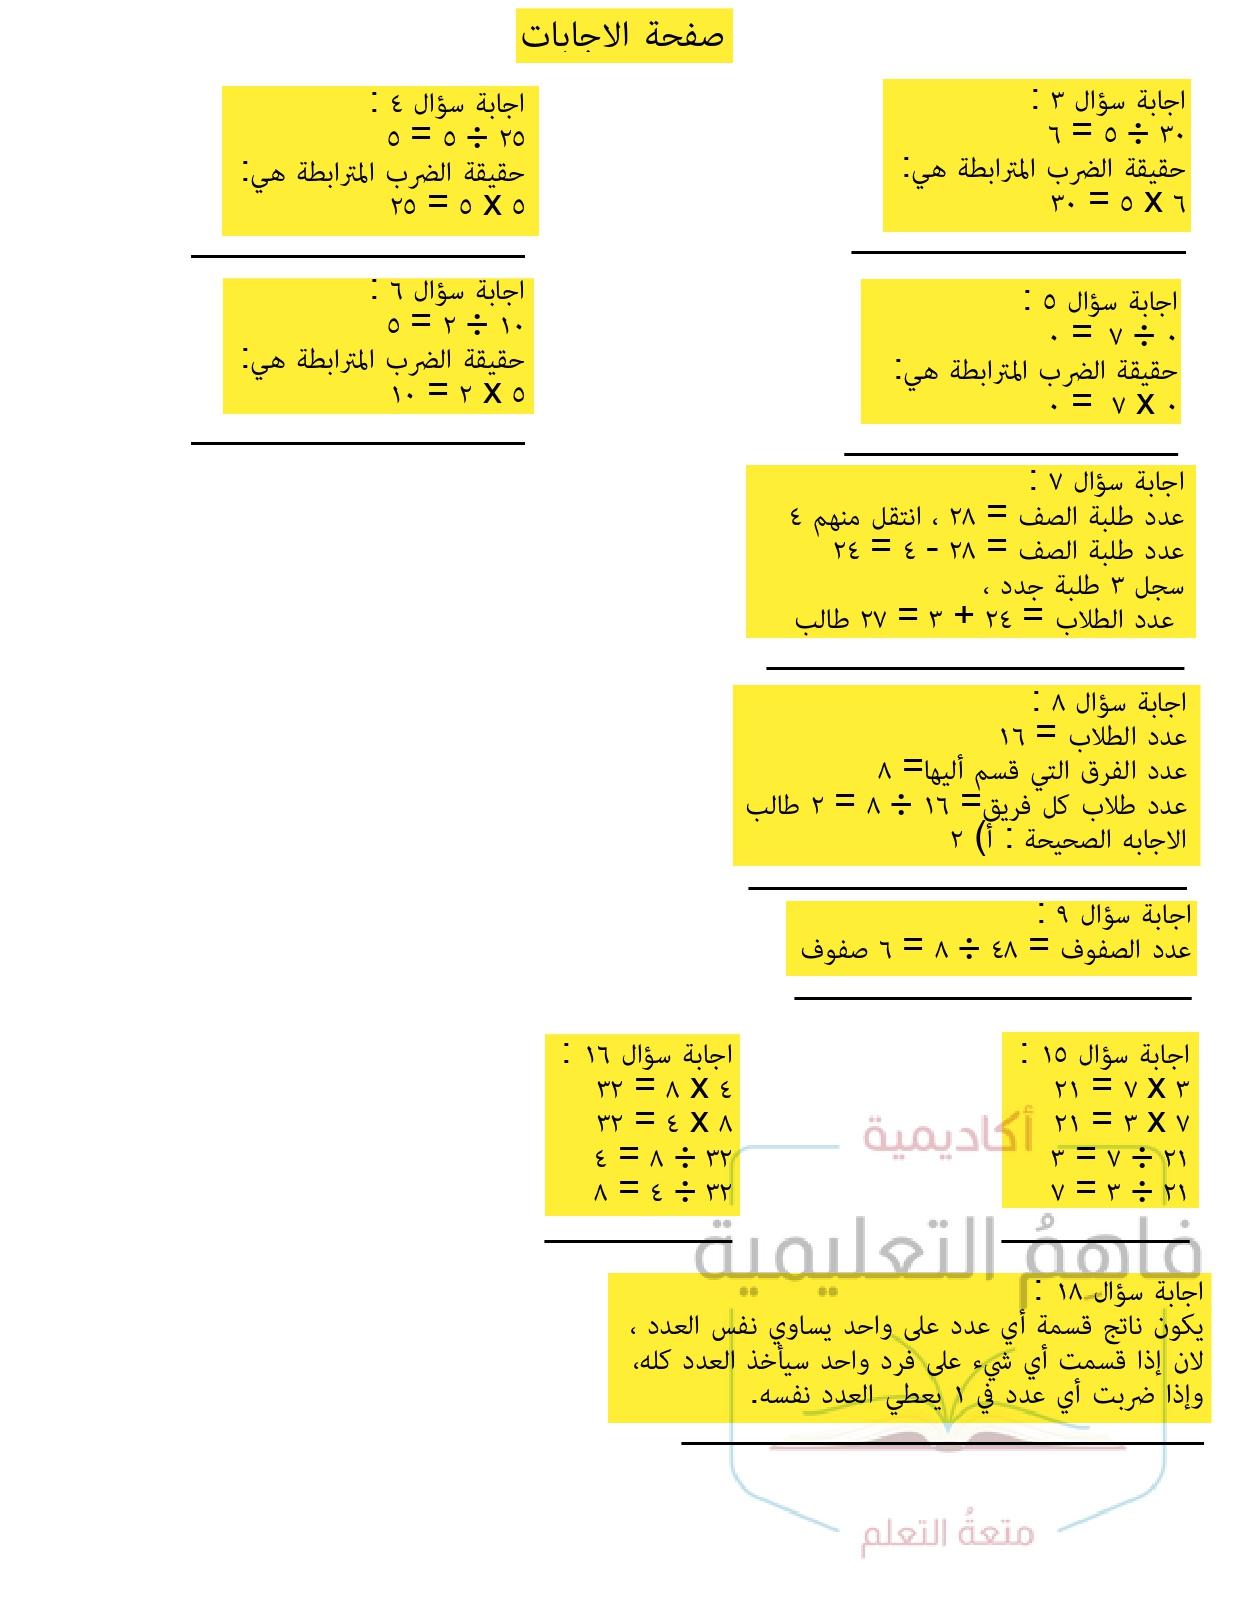 حل كتاب الرياضيات اول ابتدائي الاختبار التراكمي صفحة ٦٤